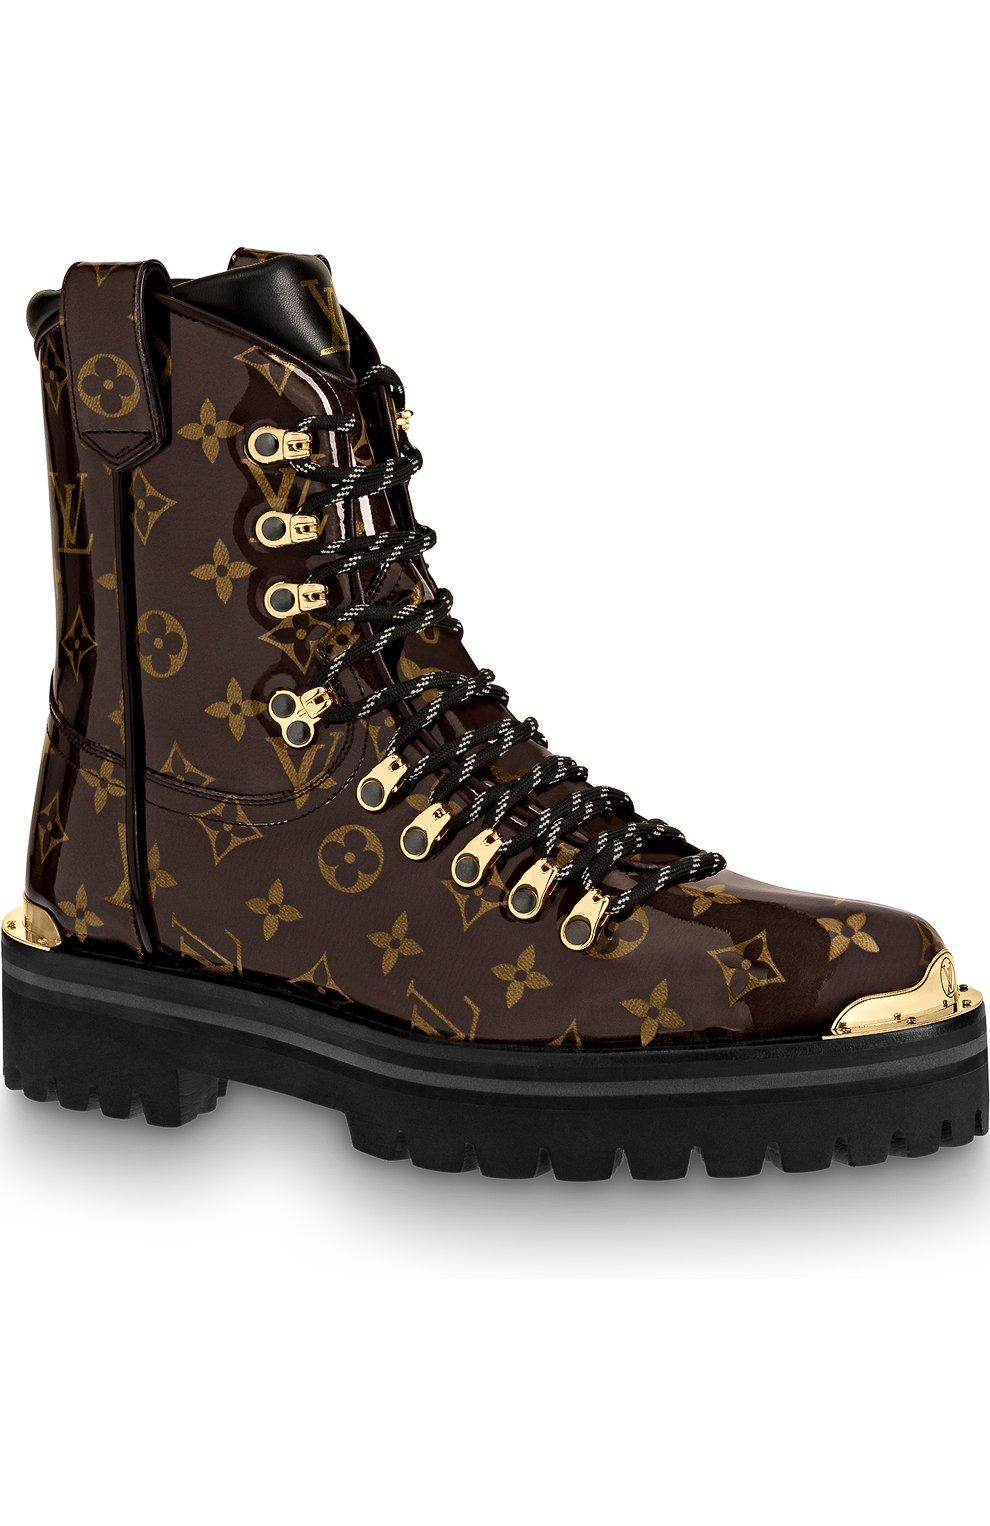 Мужские коричневые ботинки lv outland LOUIS VUITTON — купить за ... 5c0cef77942